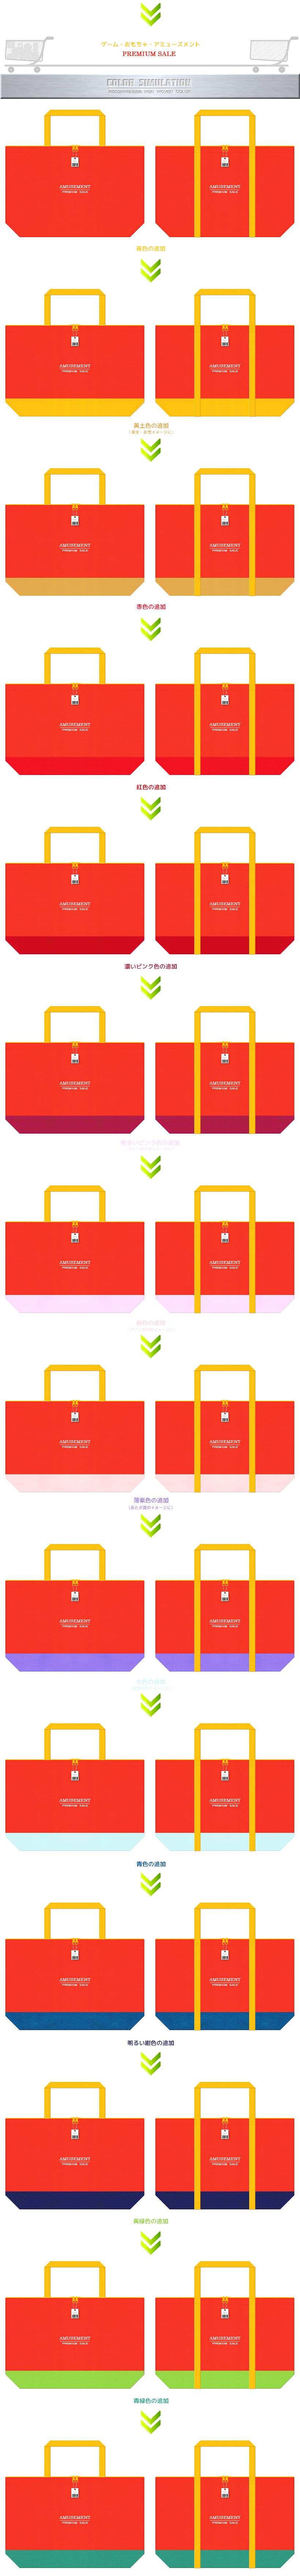 オレンジ色をメインにしたファスナー付き不織布ショッピングバッグのデザイン:キッズ・おもちゃの福袋